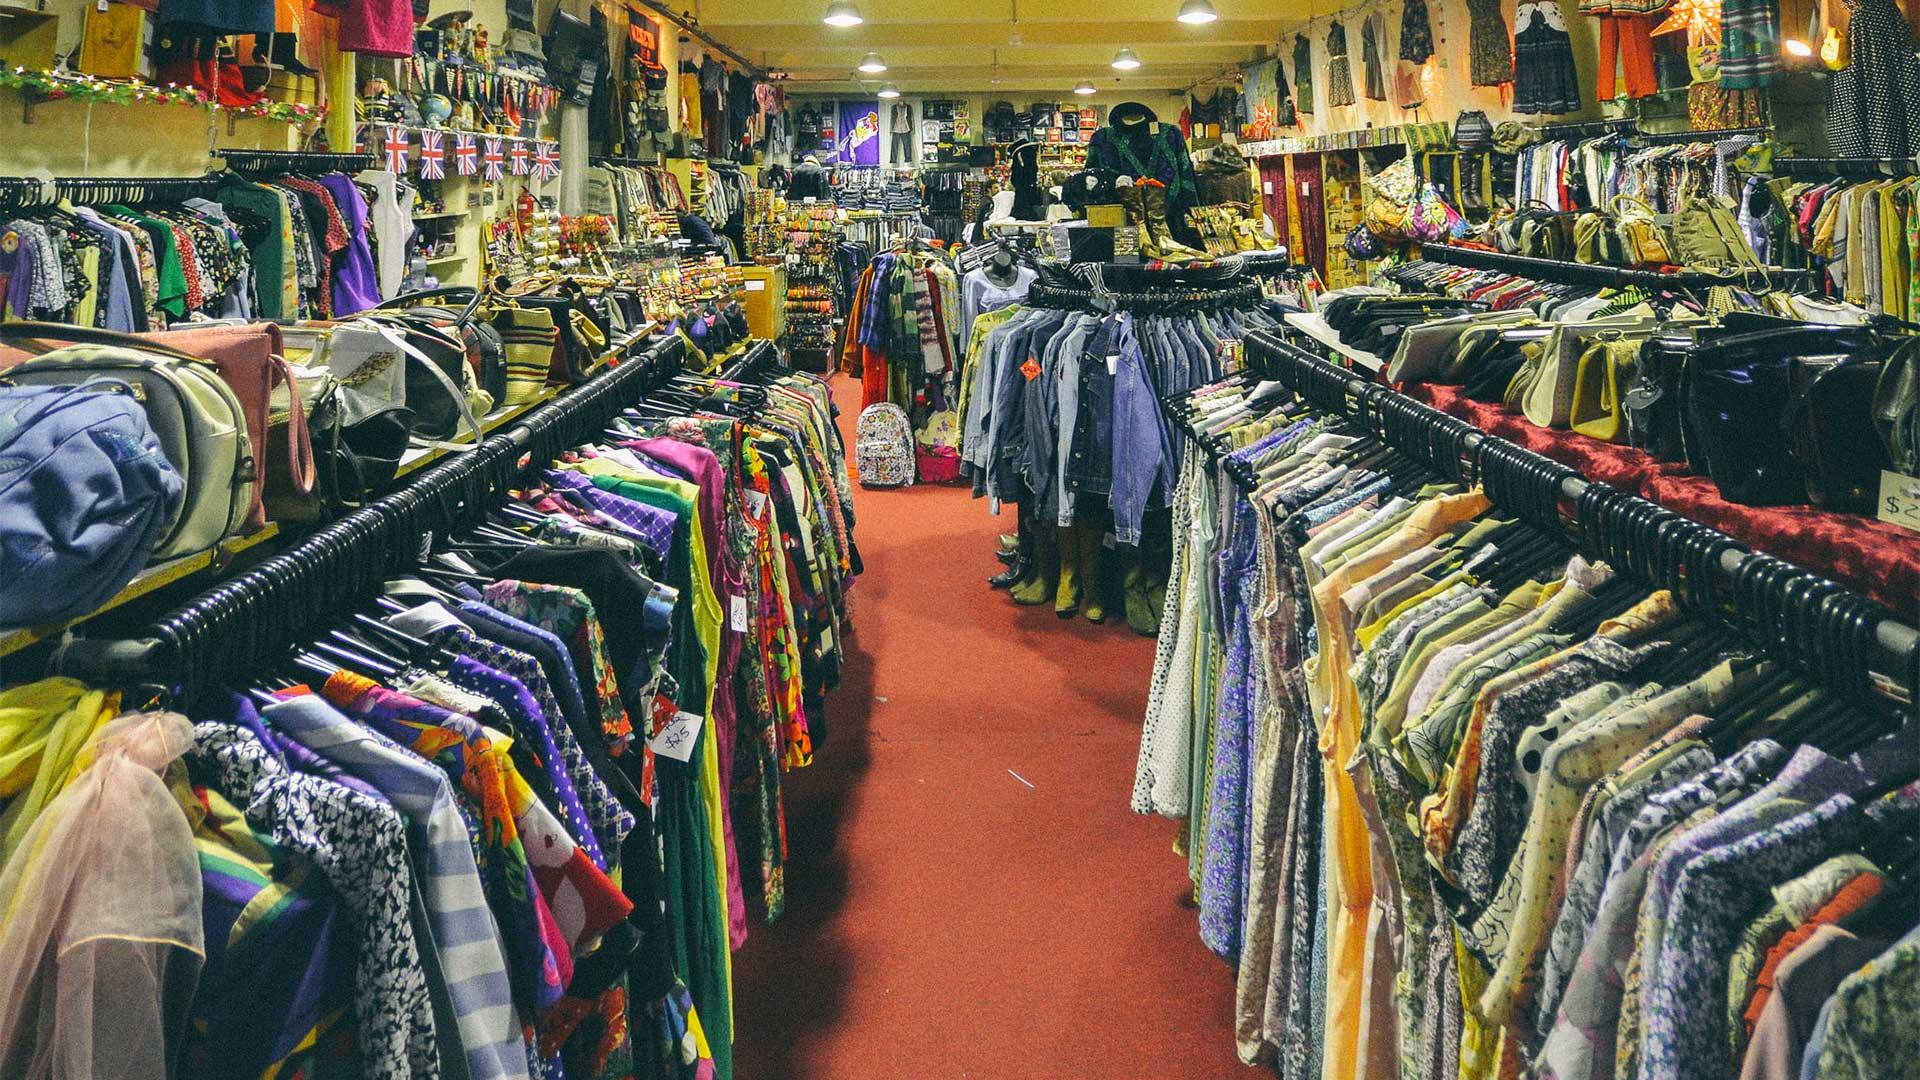 5 Tiendas Con La Ropa Más Barata De Barcelona Esci Upf News